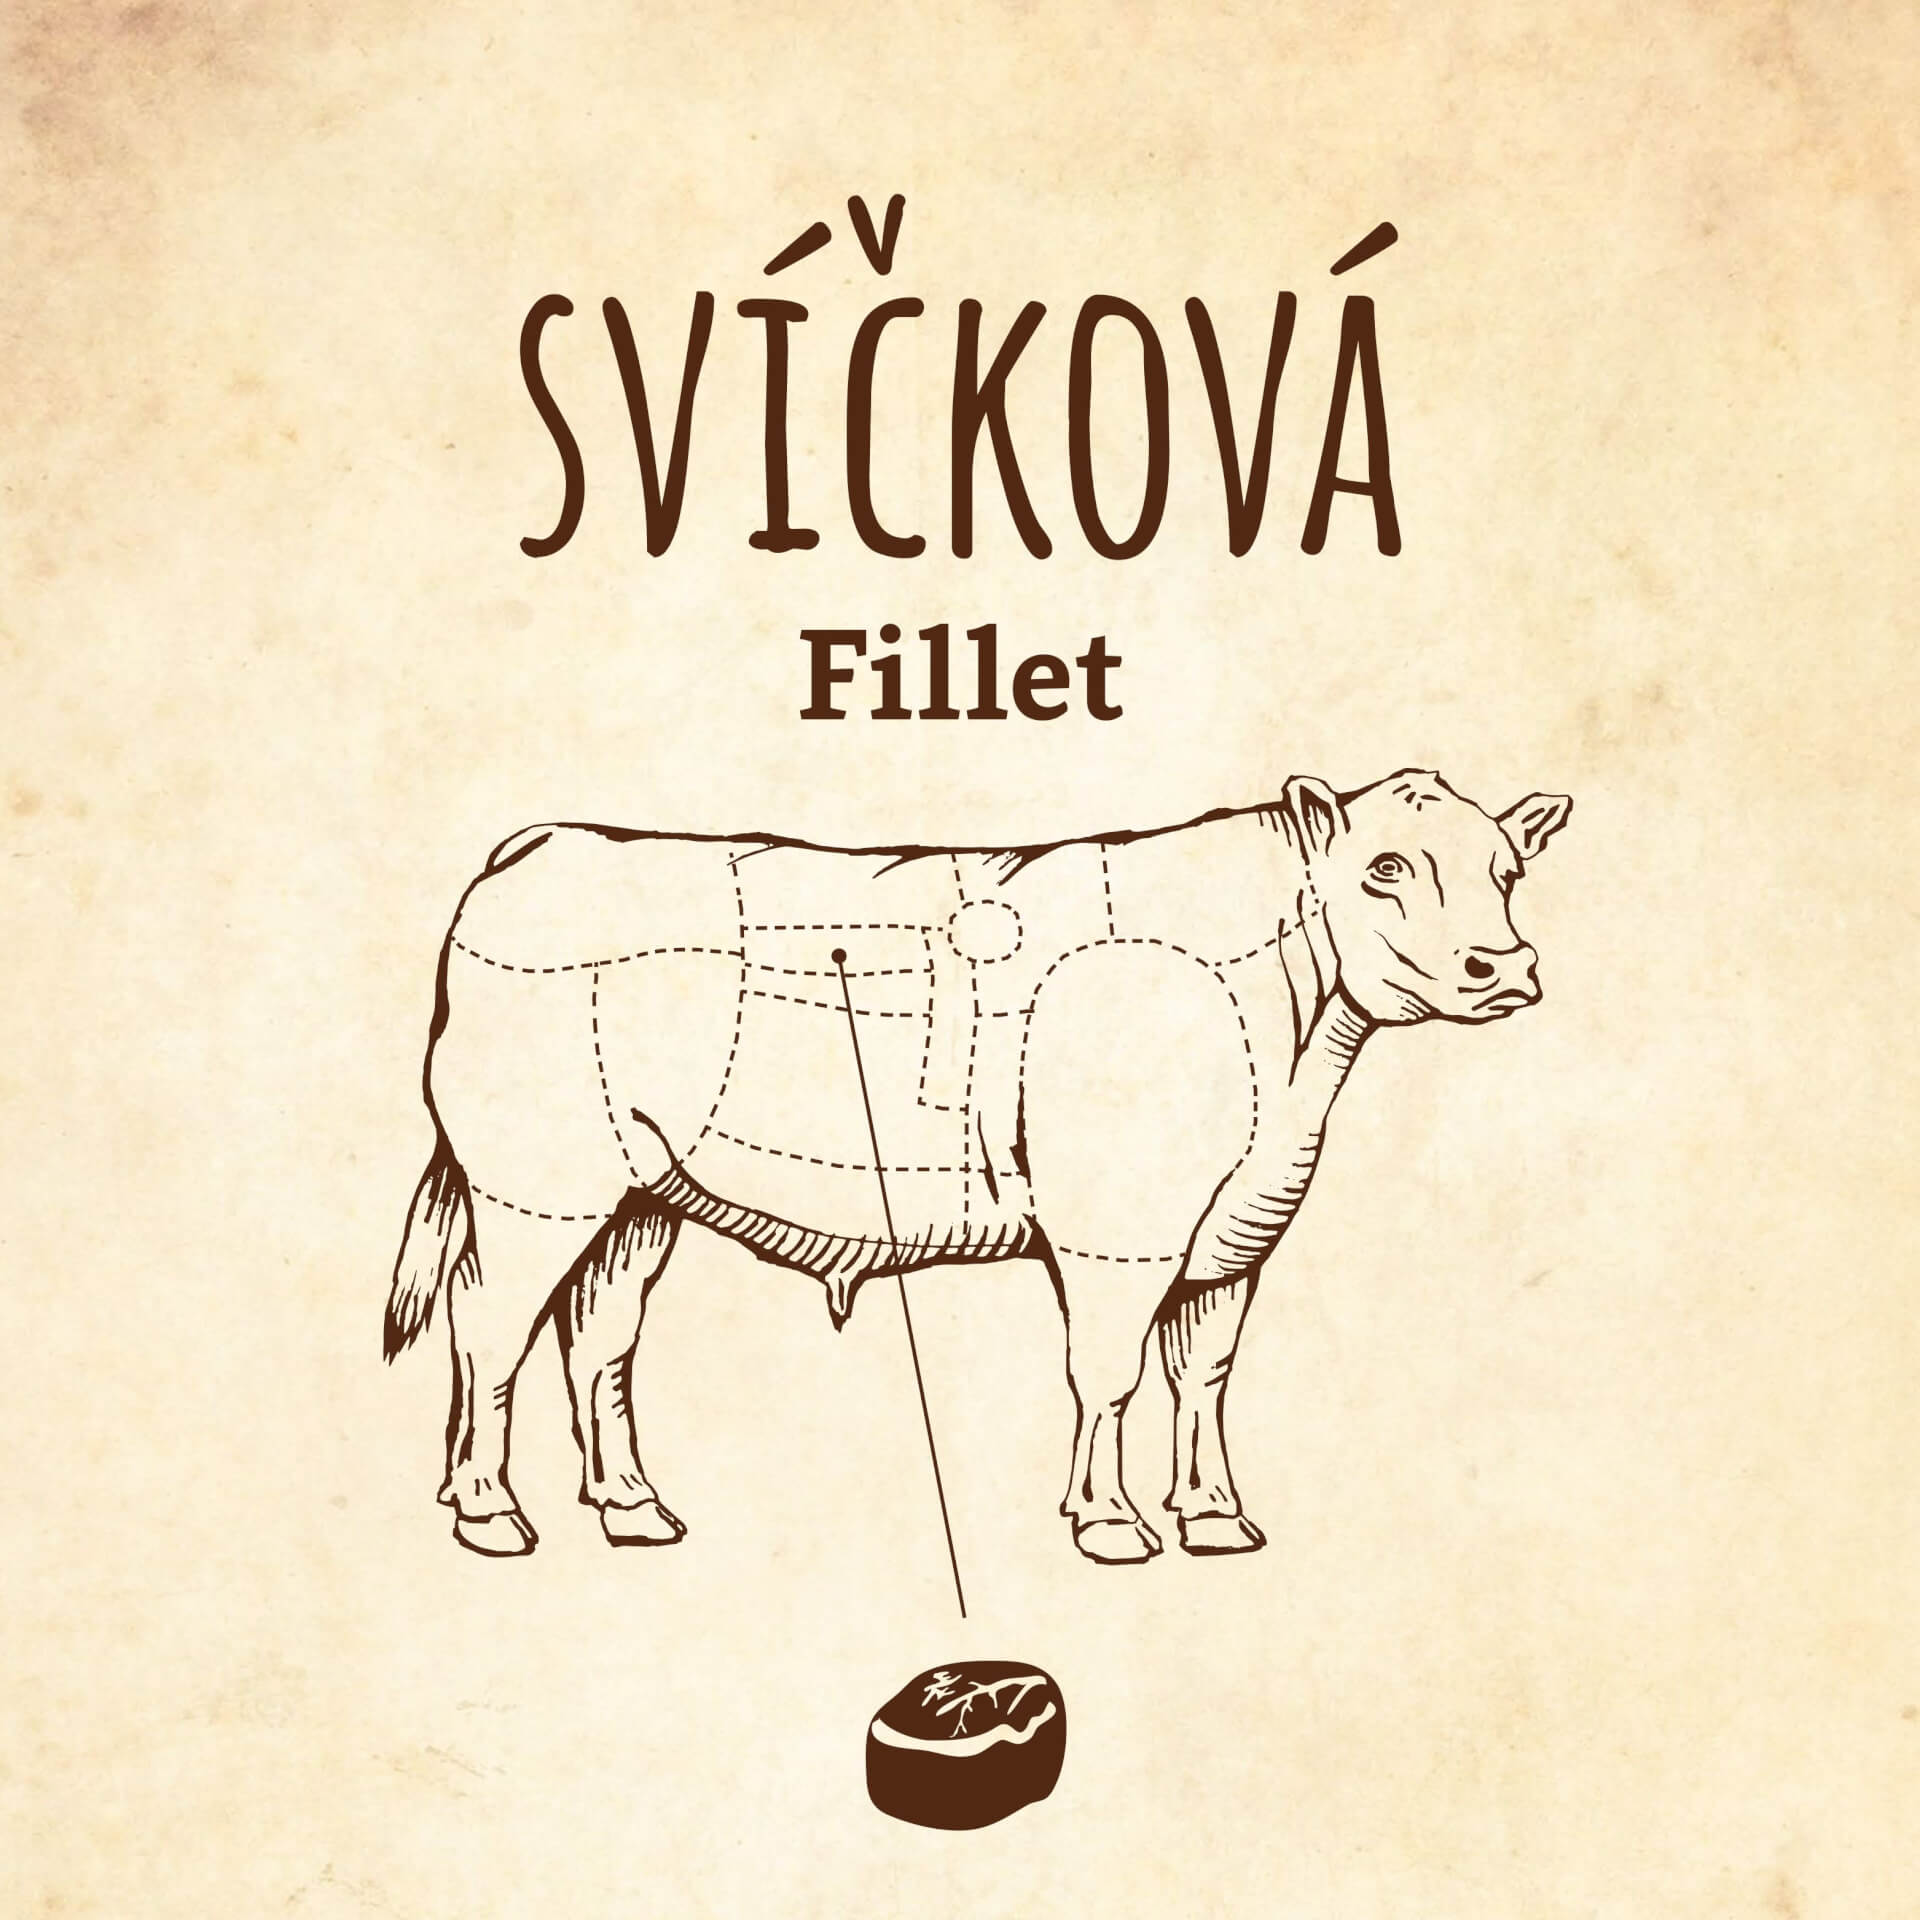 Steak z hovězí svíčkové / Fillet